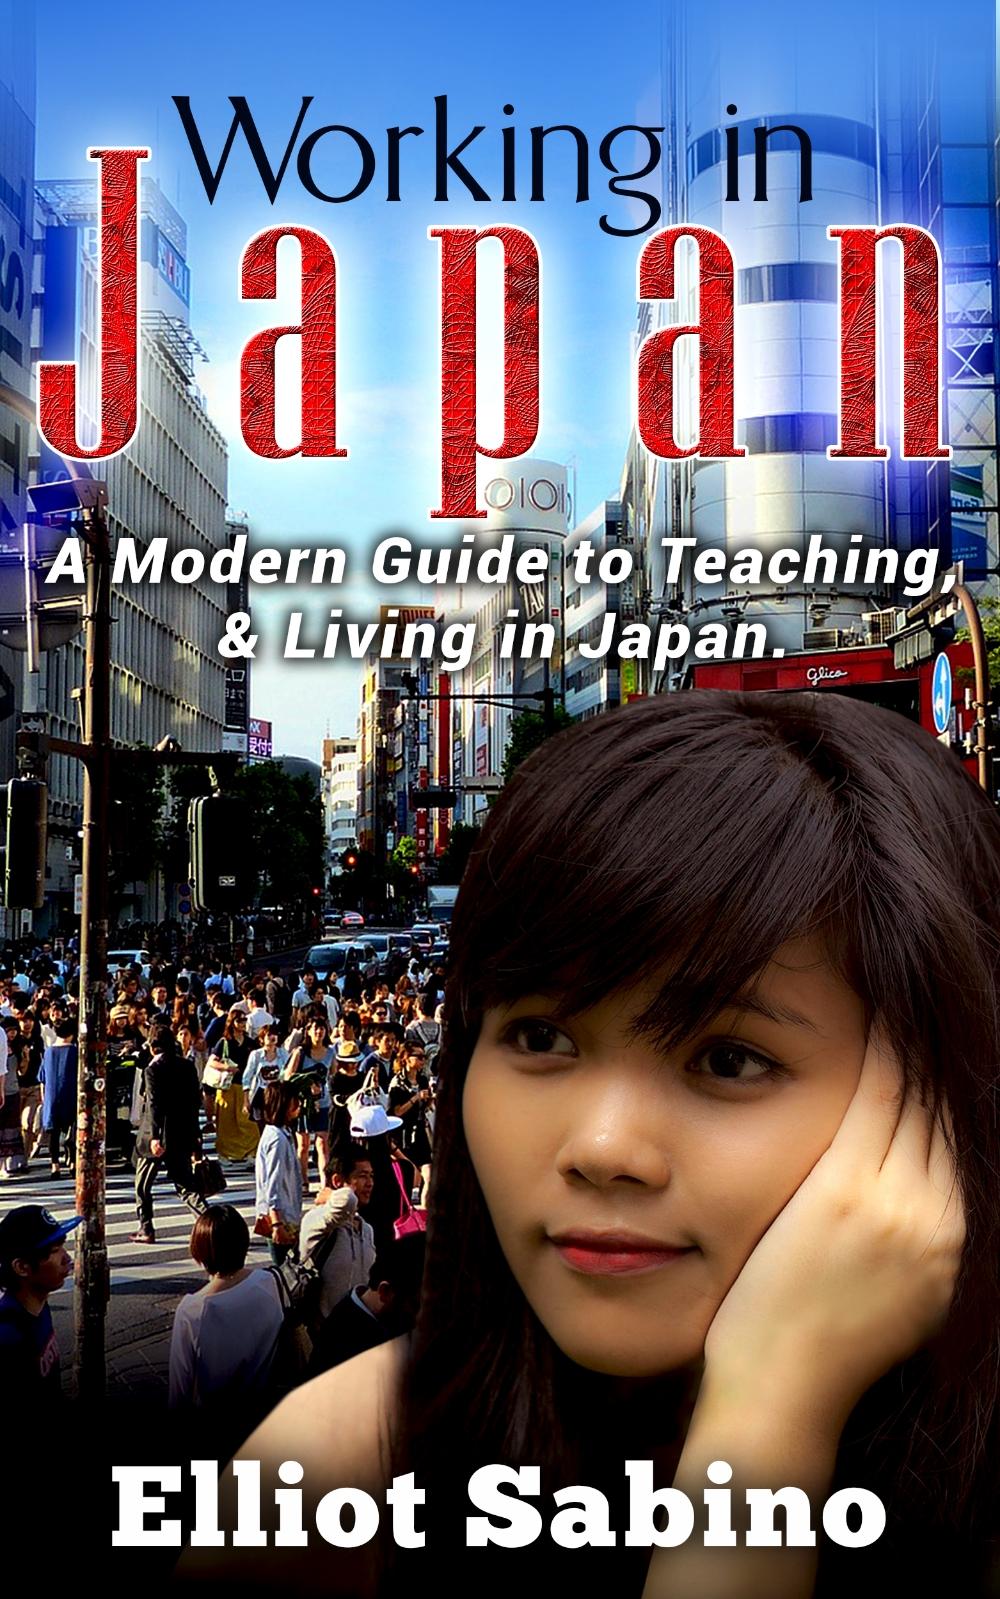 Working_in_Japan Cover .jpg